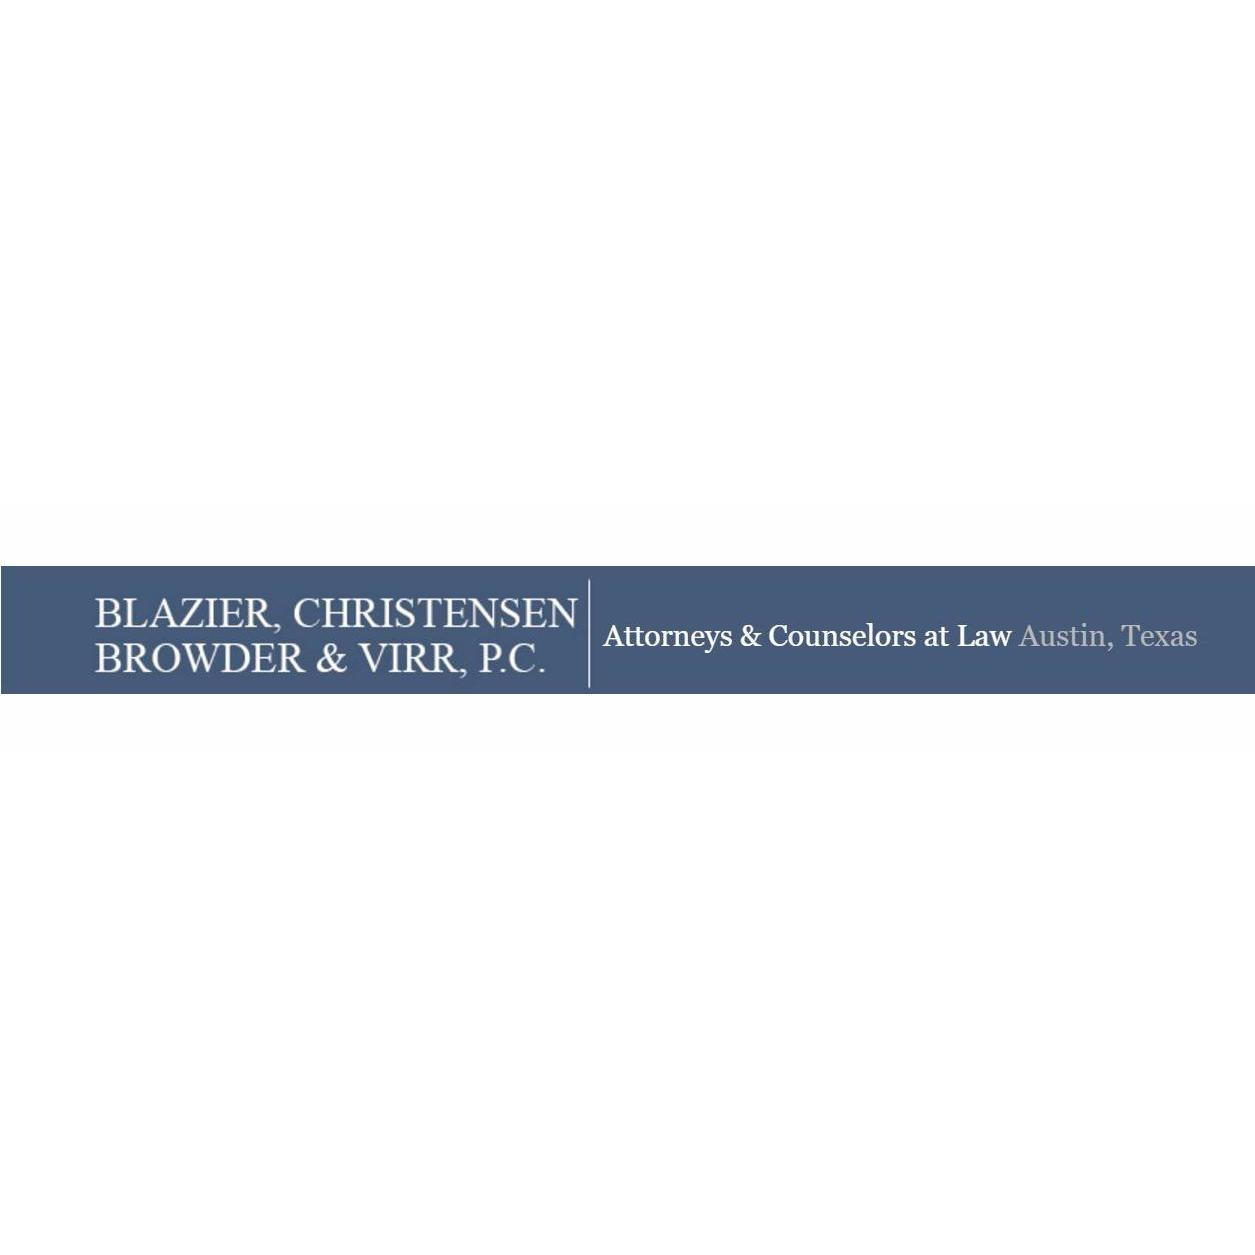 Legal Services in TX Austin 78746 Blazier, Christensen, Browder & Virr, P.C. 901 S. Mopac (512) 476-2622 (512)476-2622